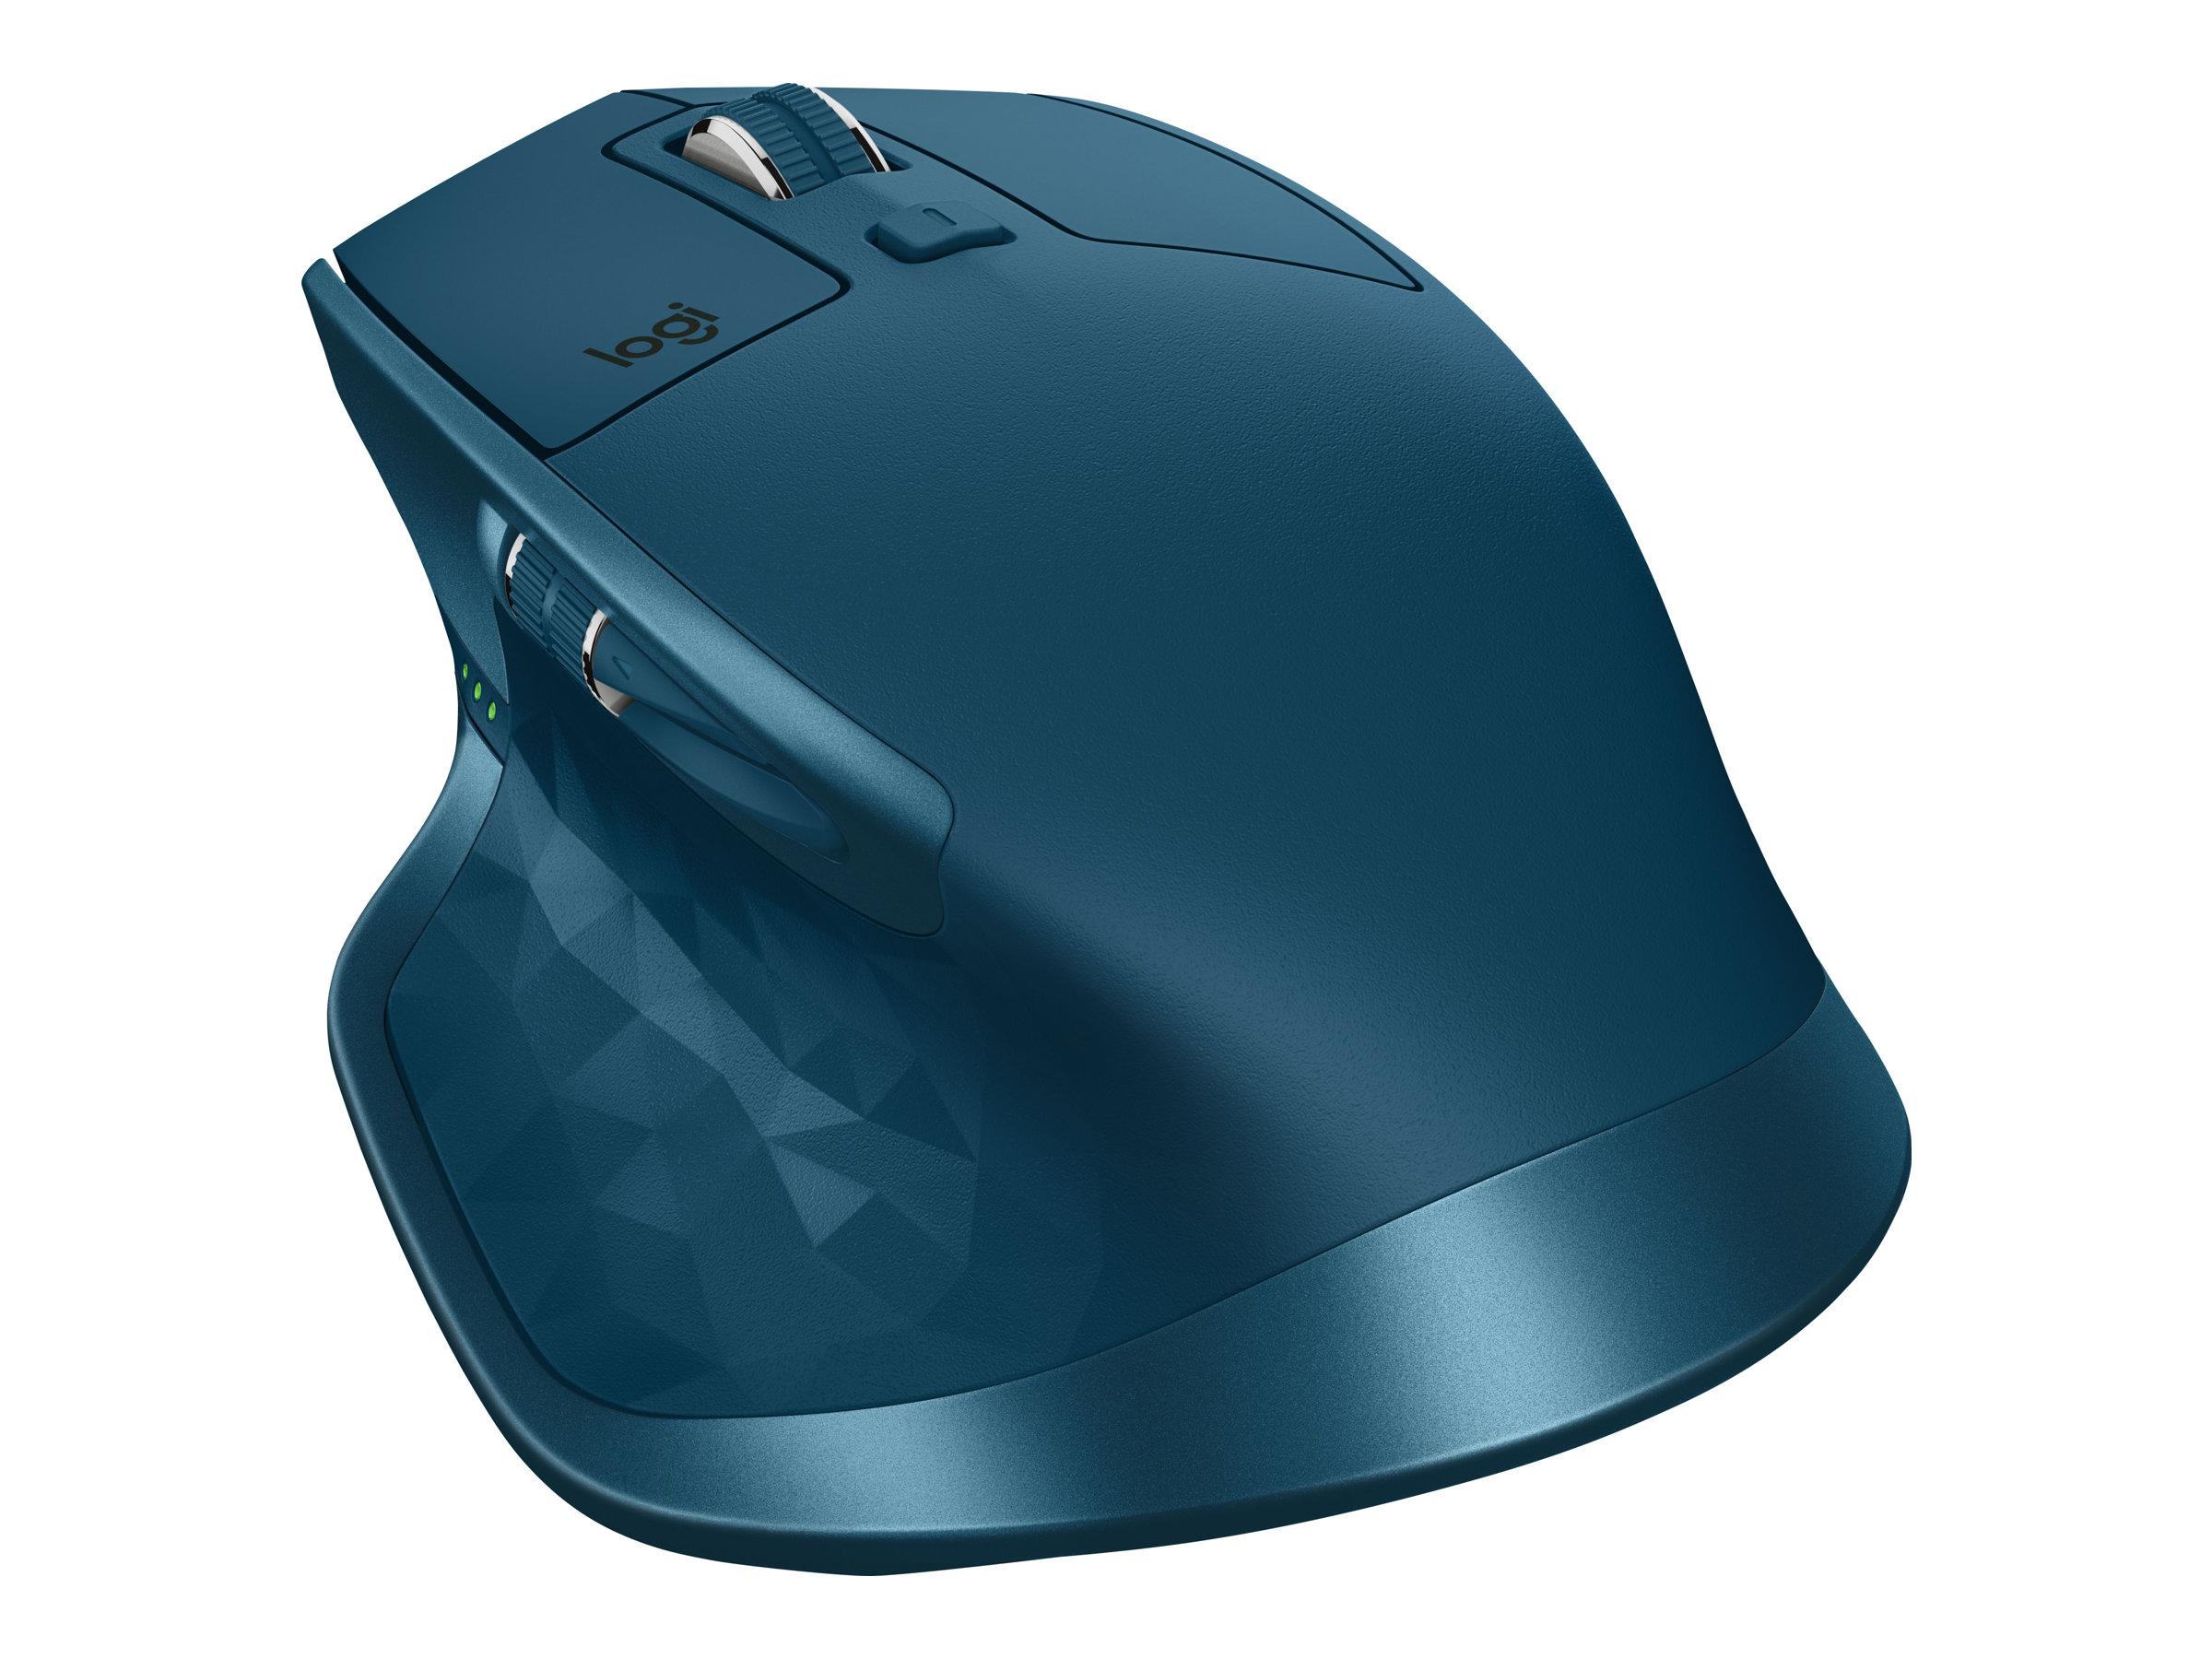 Logitech MX Master 2S - Maus - Laser - 7 Tasten - kabellos - Bluetooth, 2.4 GHz